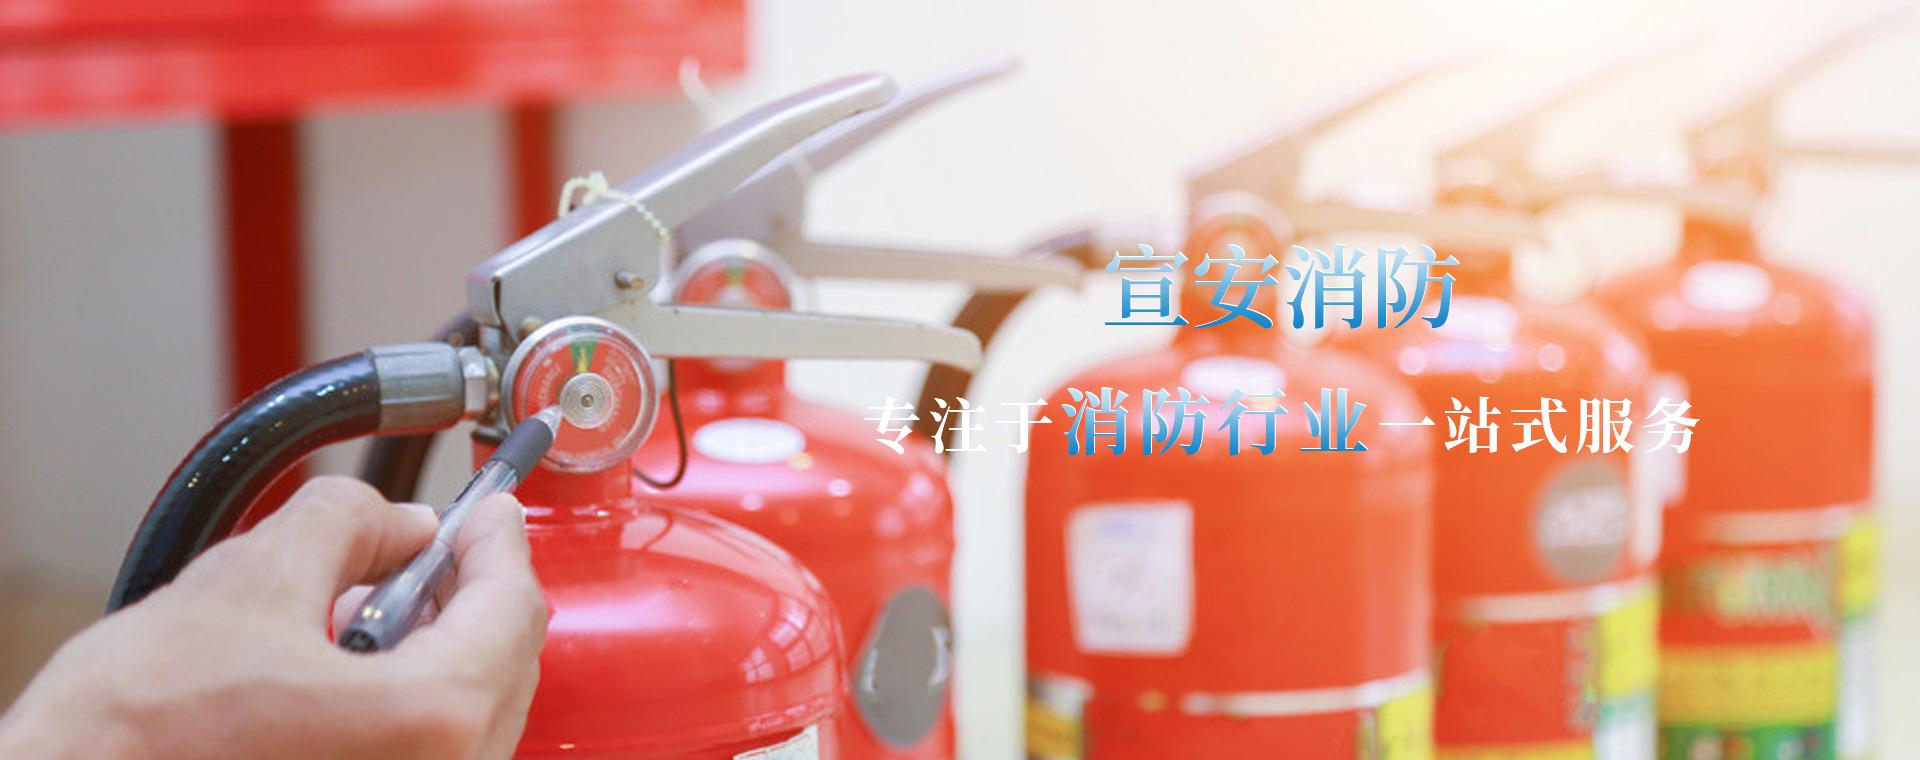 内蒙古消防维保检测